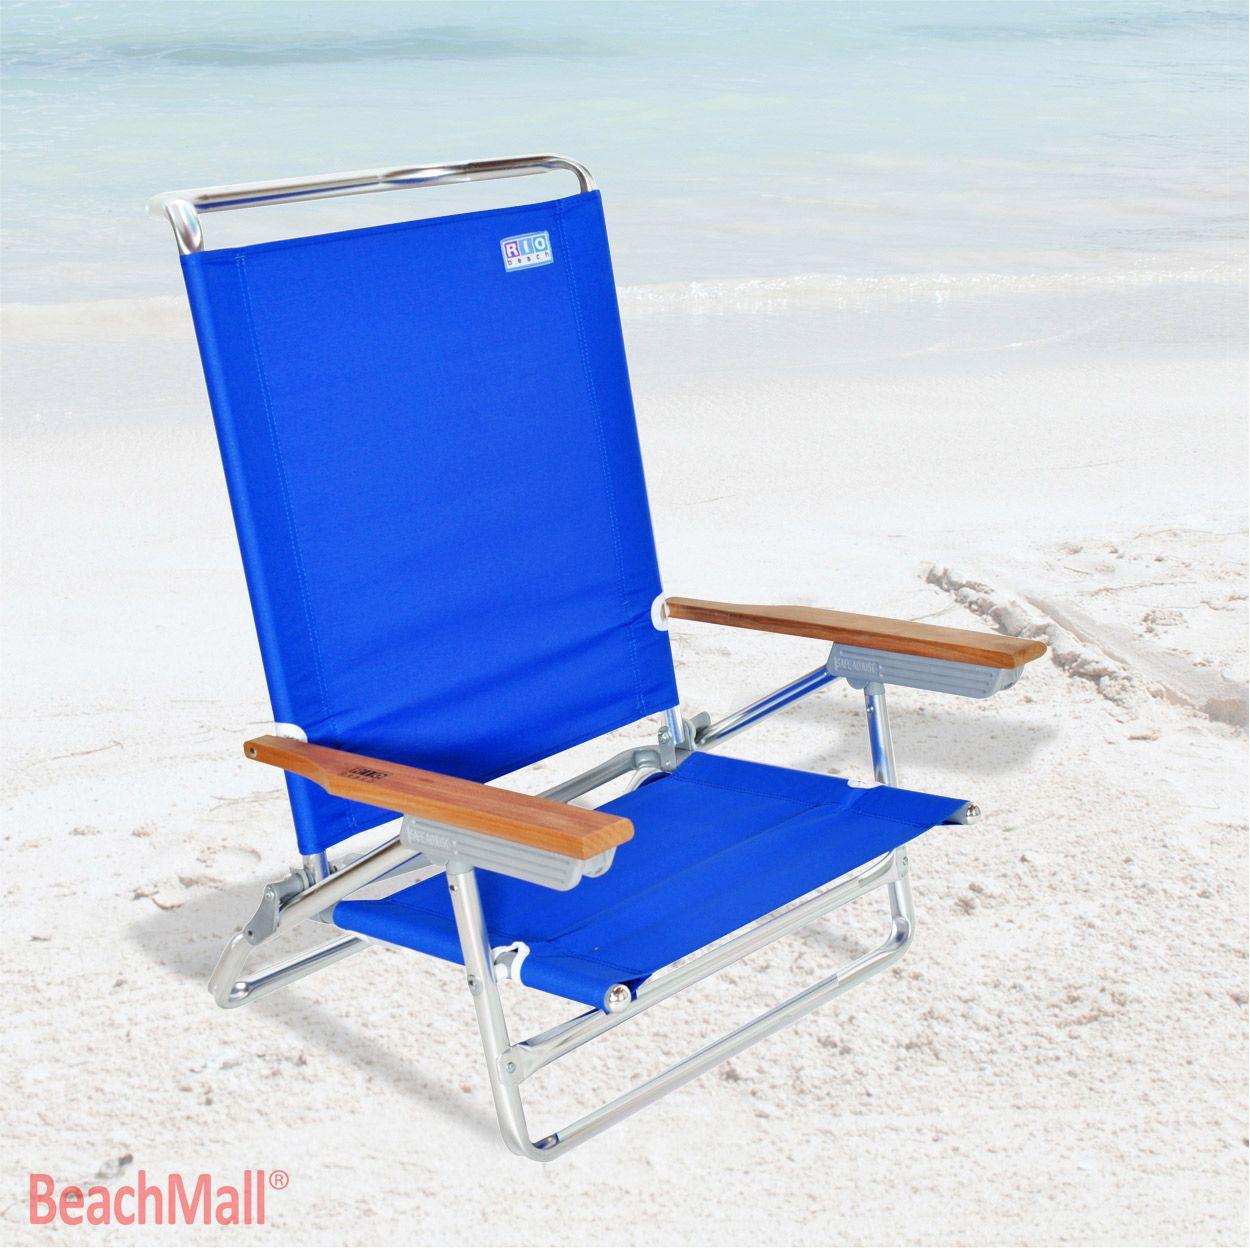 beachmall | high back rio beach chair - 5 position | beach